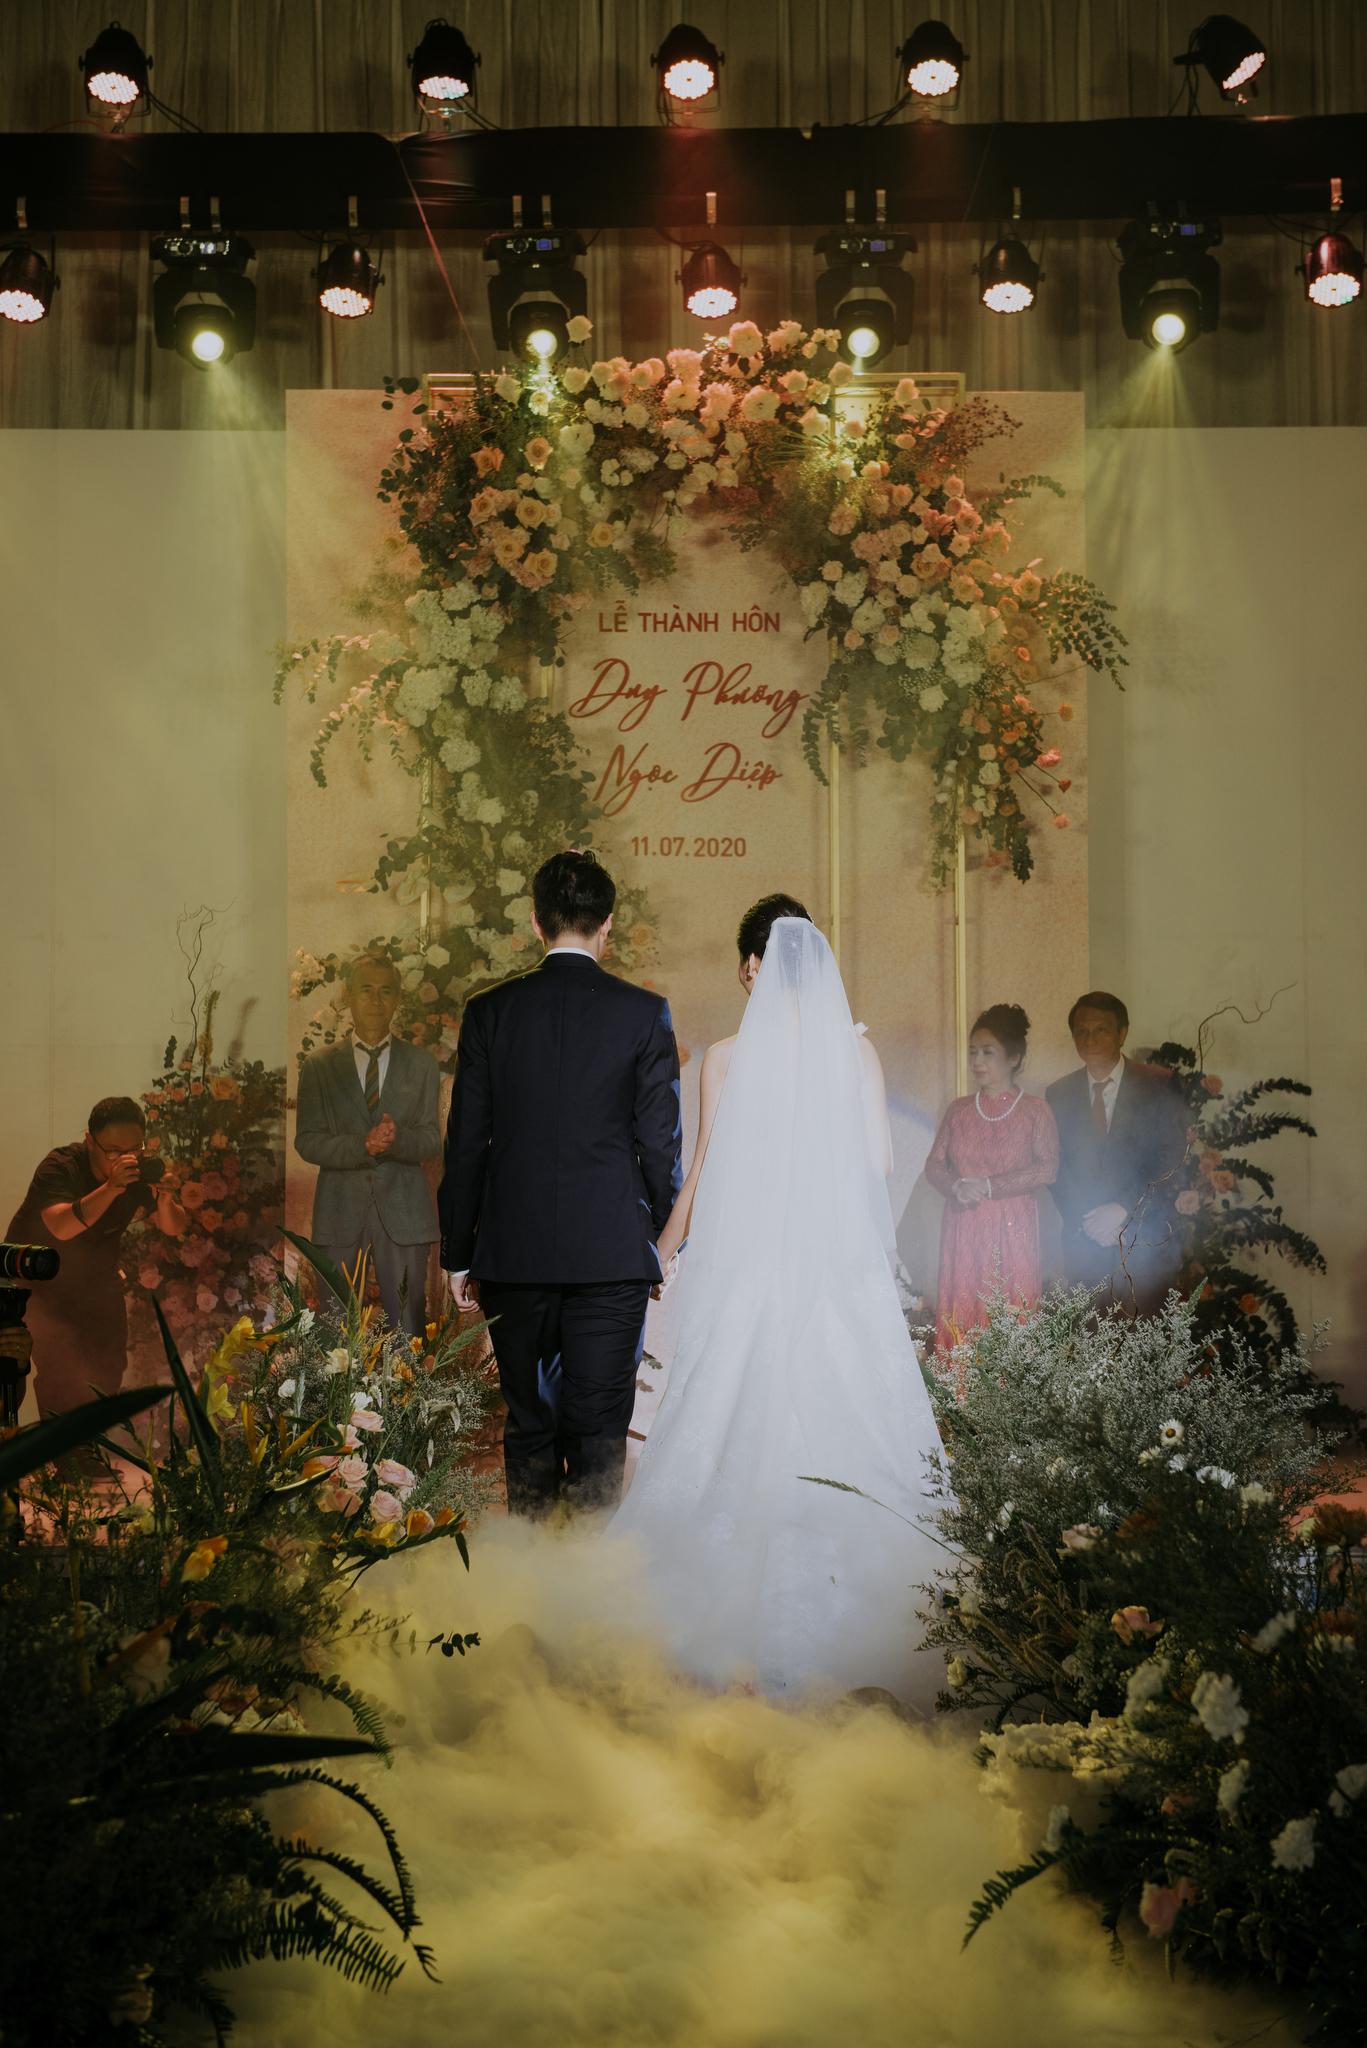 https://huk.s3.amazonaws.com/uploads/image/source/1440/Phuong-Diep-HN-Ceremony-2-0138.JPG